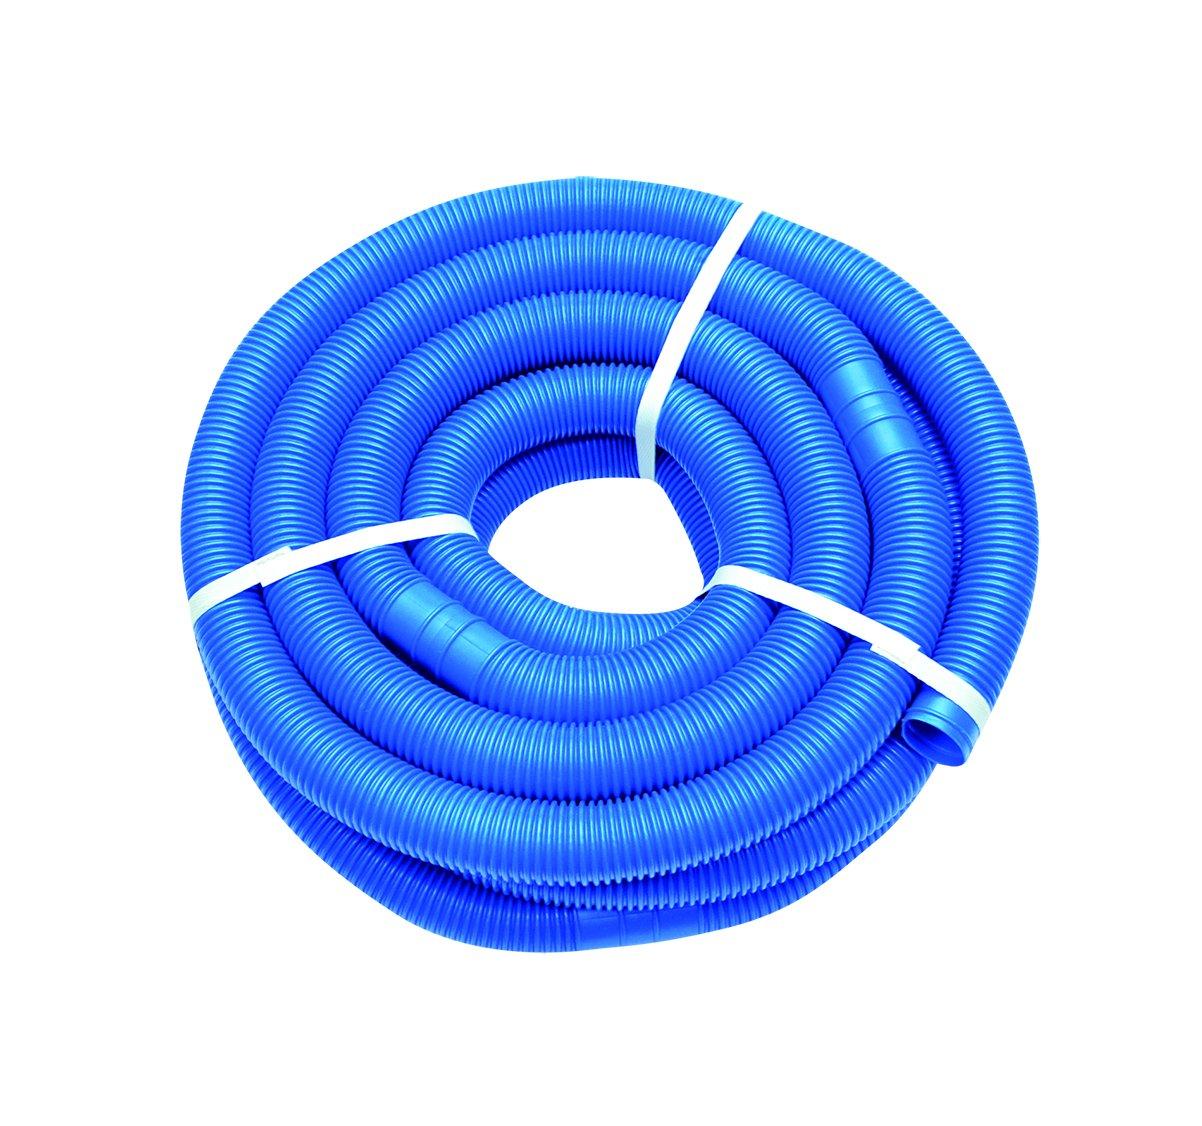 Jilong pool hose 32 - pool pipe, swimming pool pipe, 32 mm diameter, 5 m length JL290497N -P56